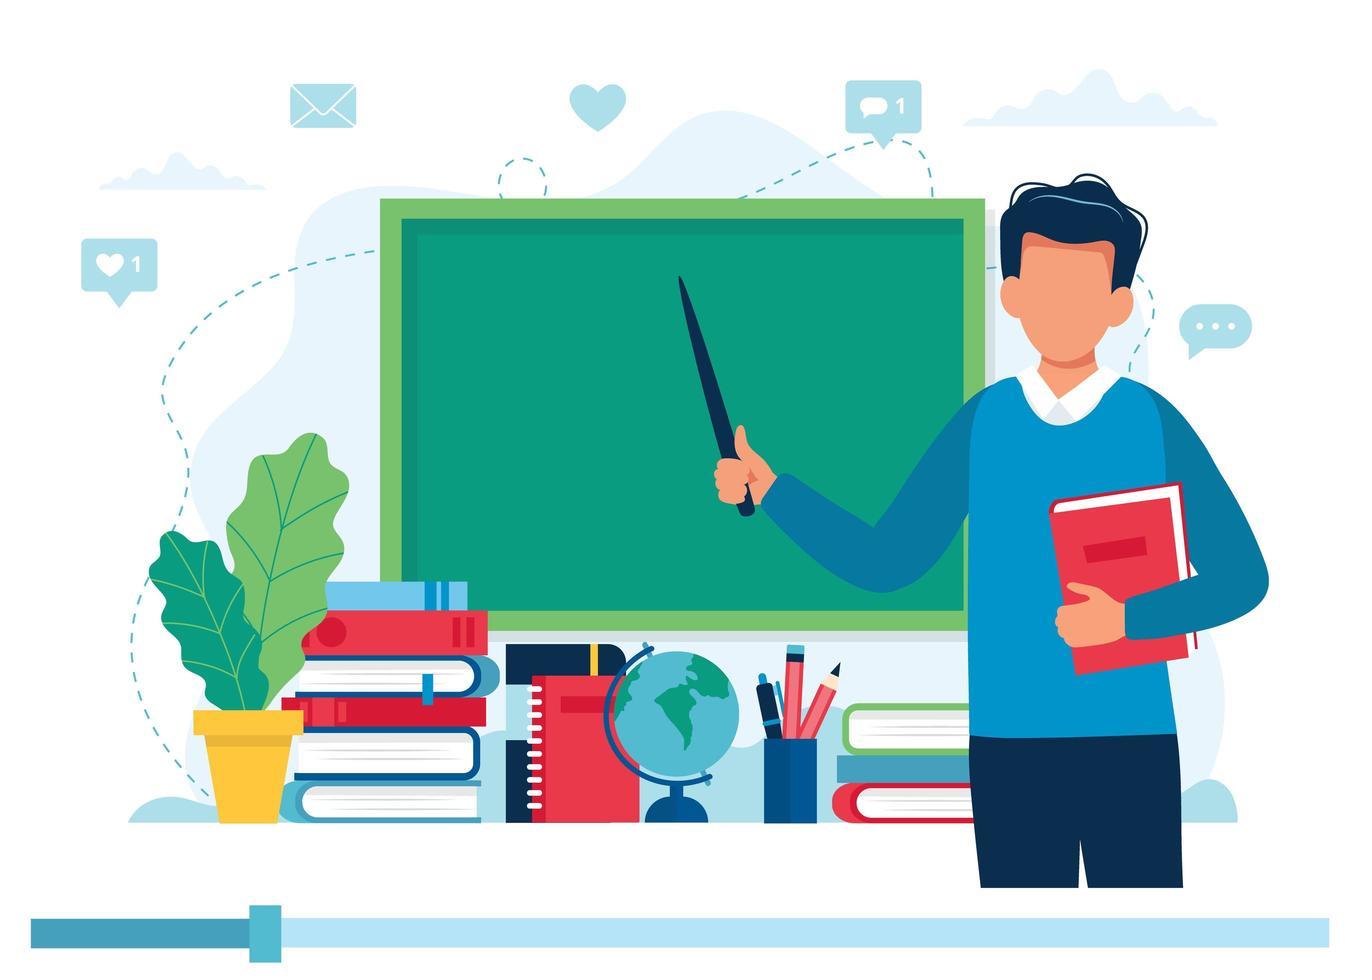 enseignant avec livres et tableau, leçon vidéo vecteur